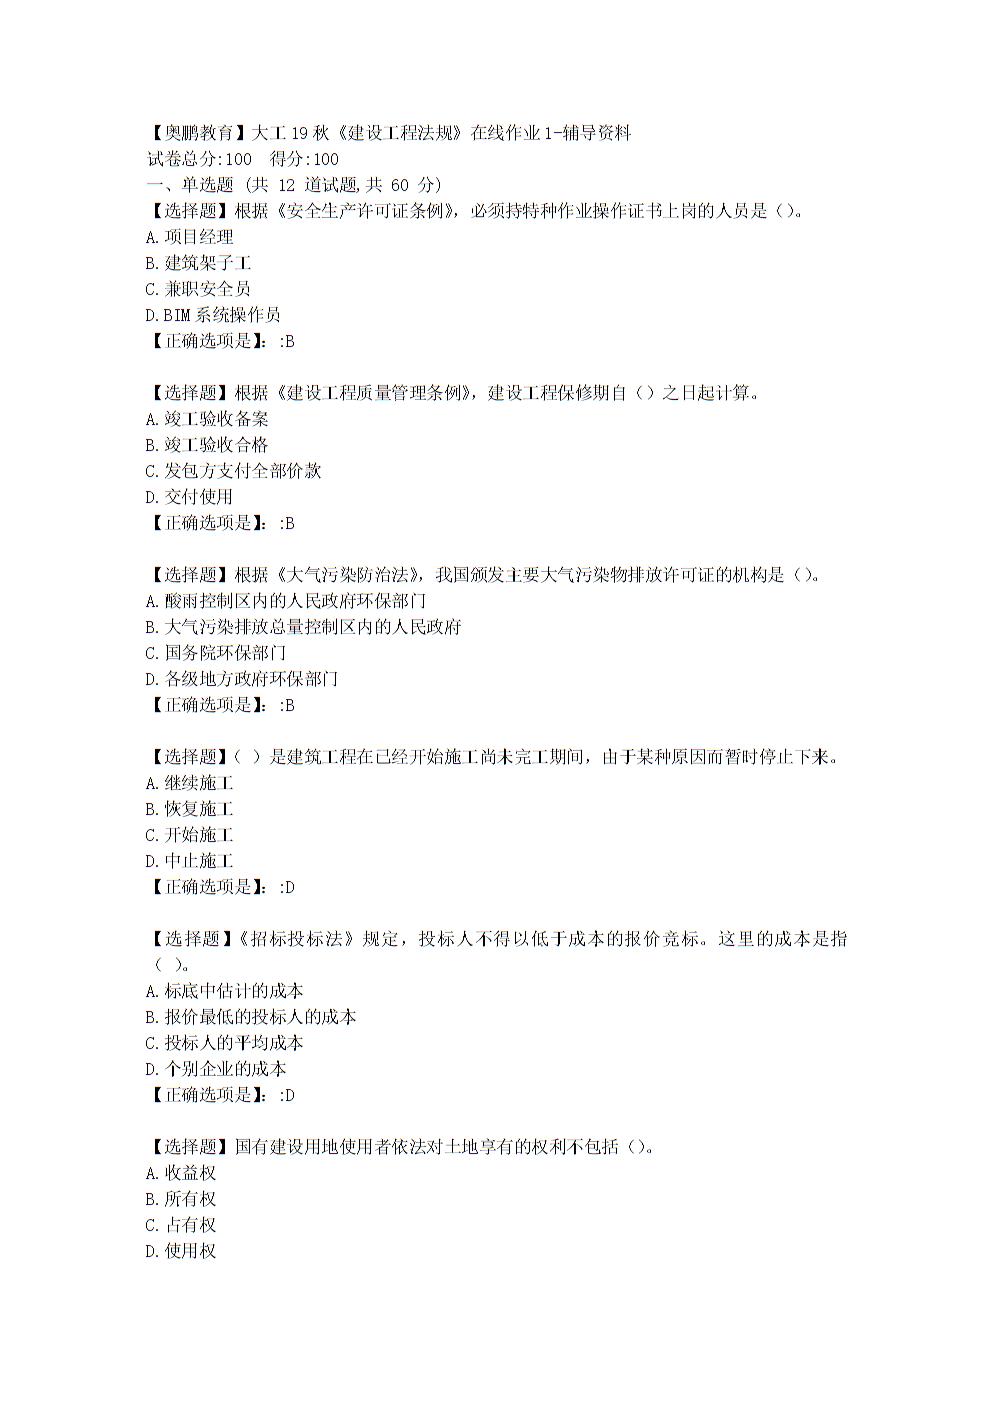 大连理工大学19秋《建设工程法规》在线作业1学习资料.doc